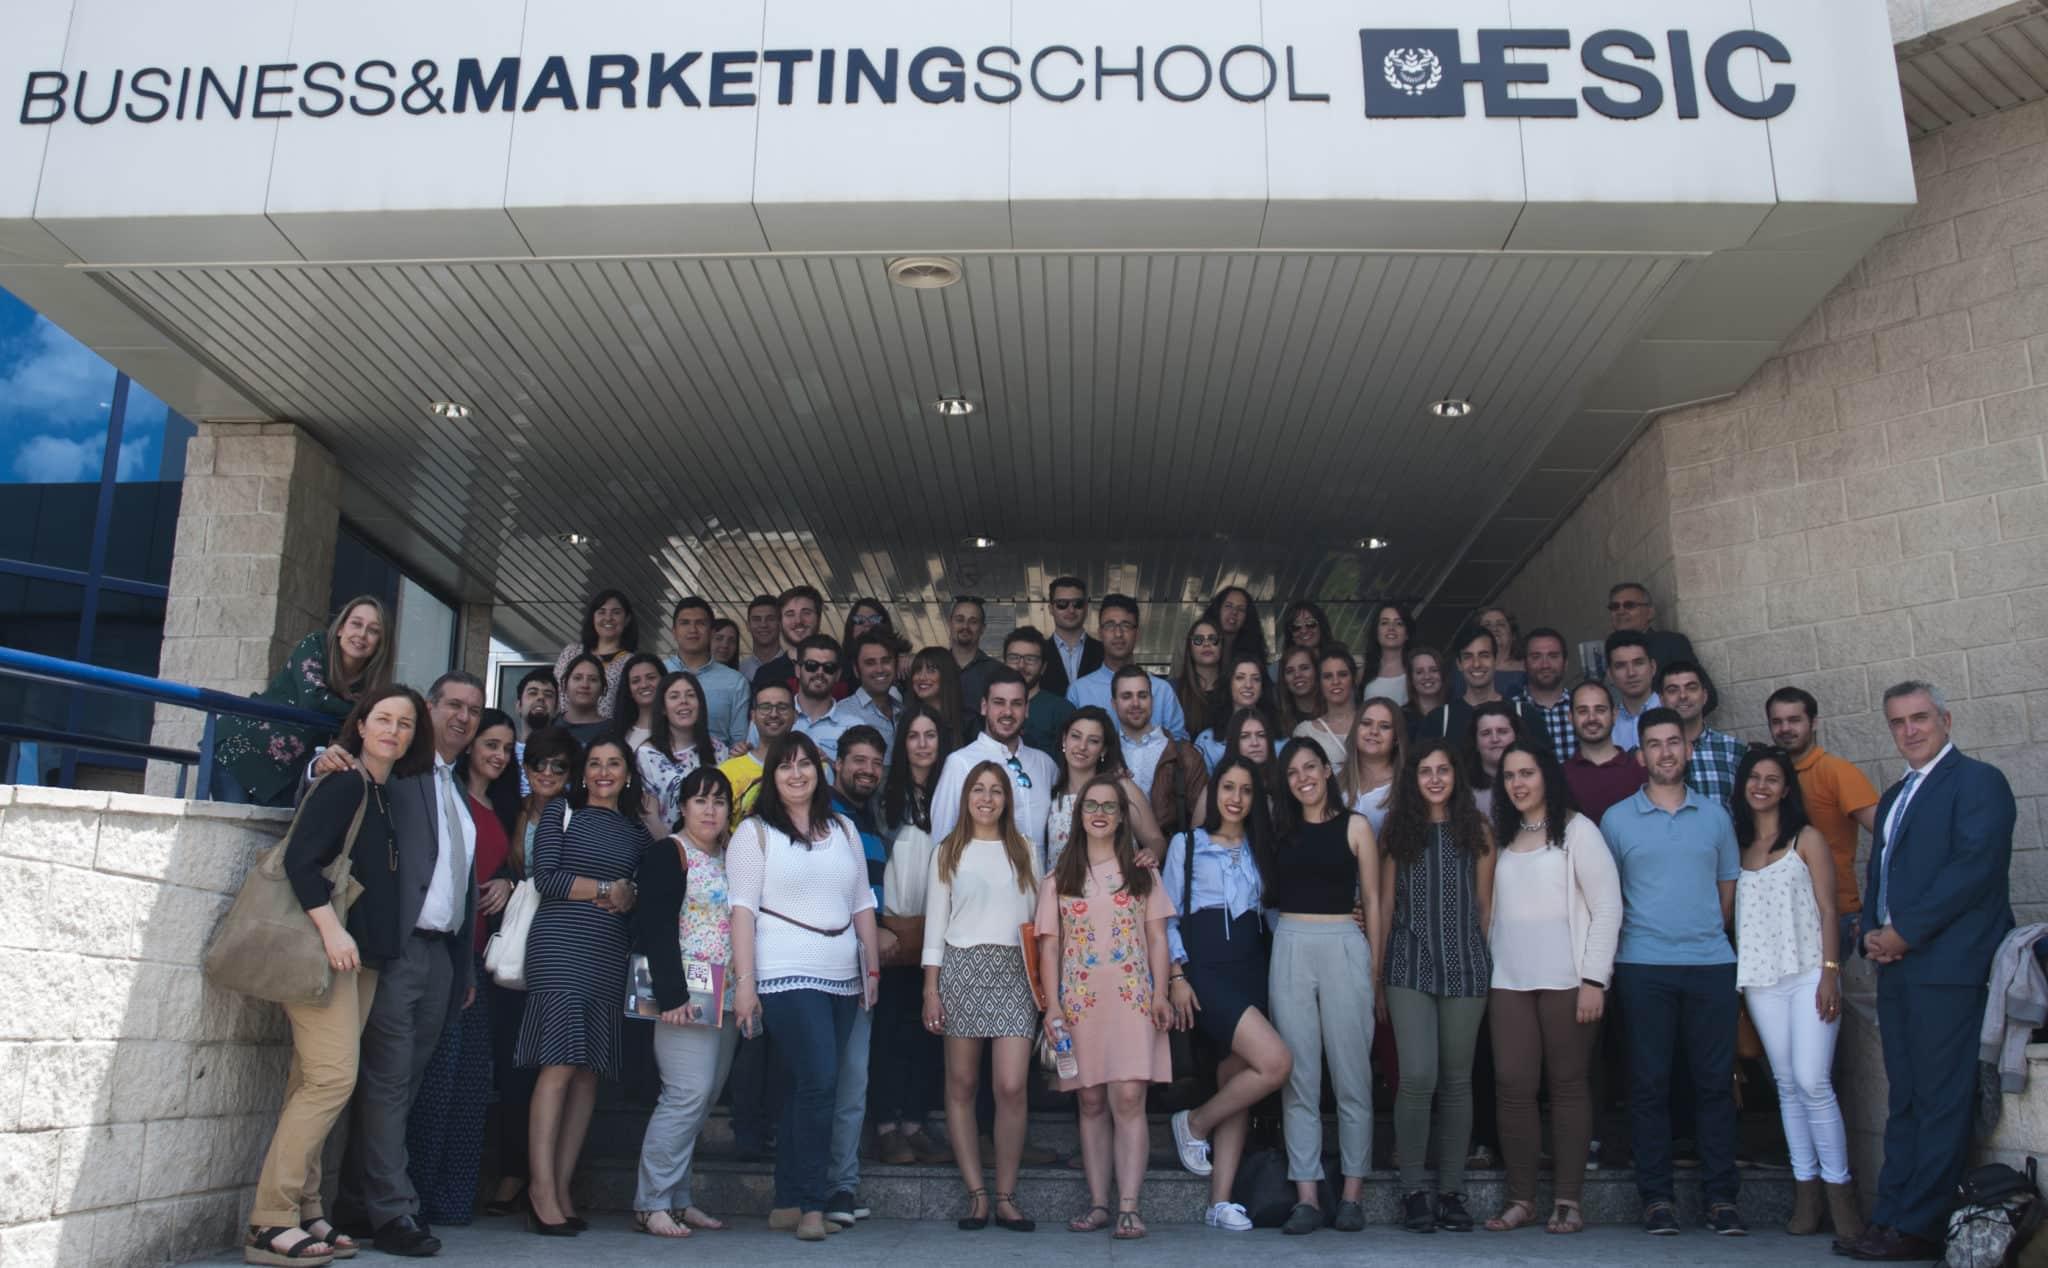 La Escuela Regional de Ventas celebra su paso de ecuador